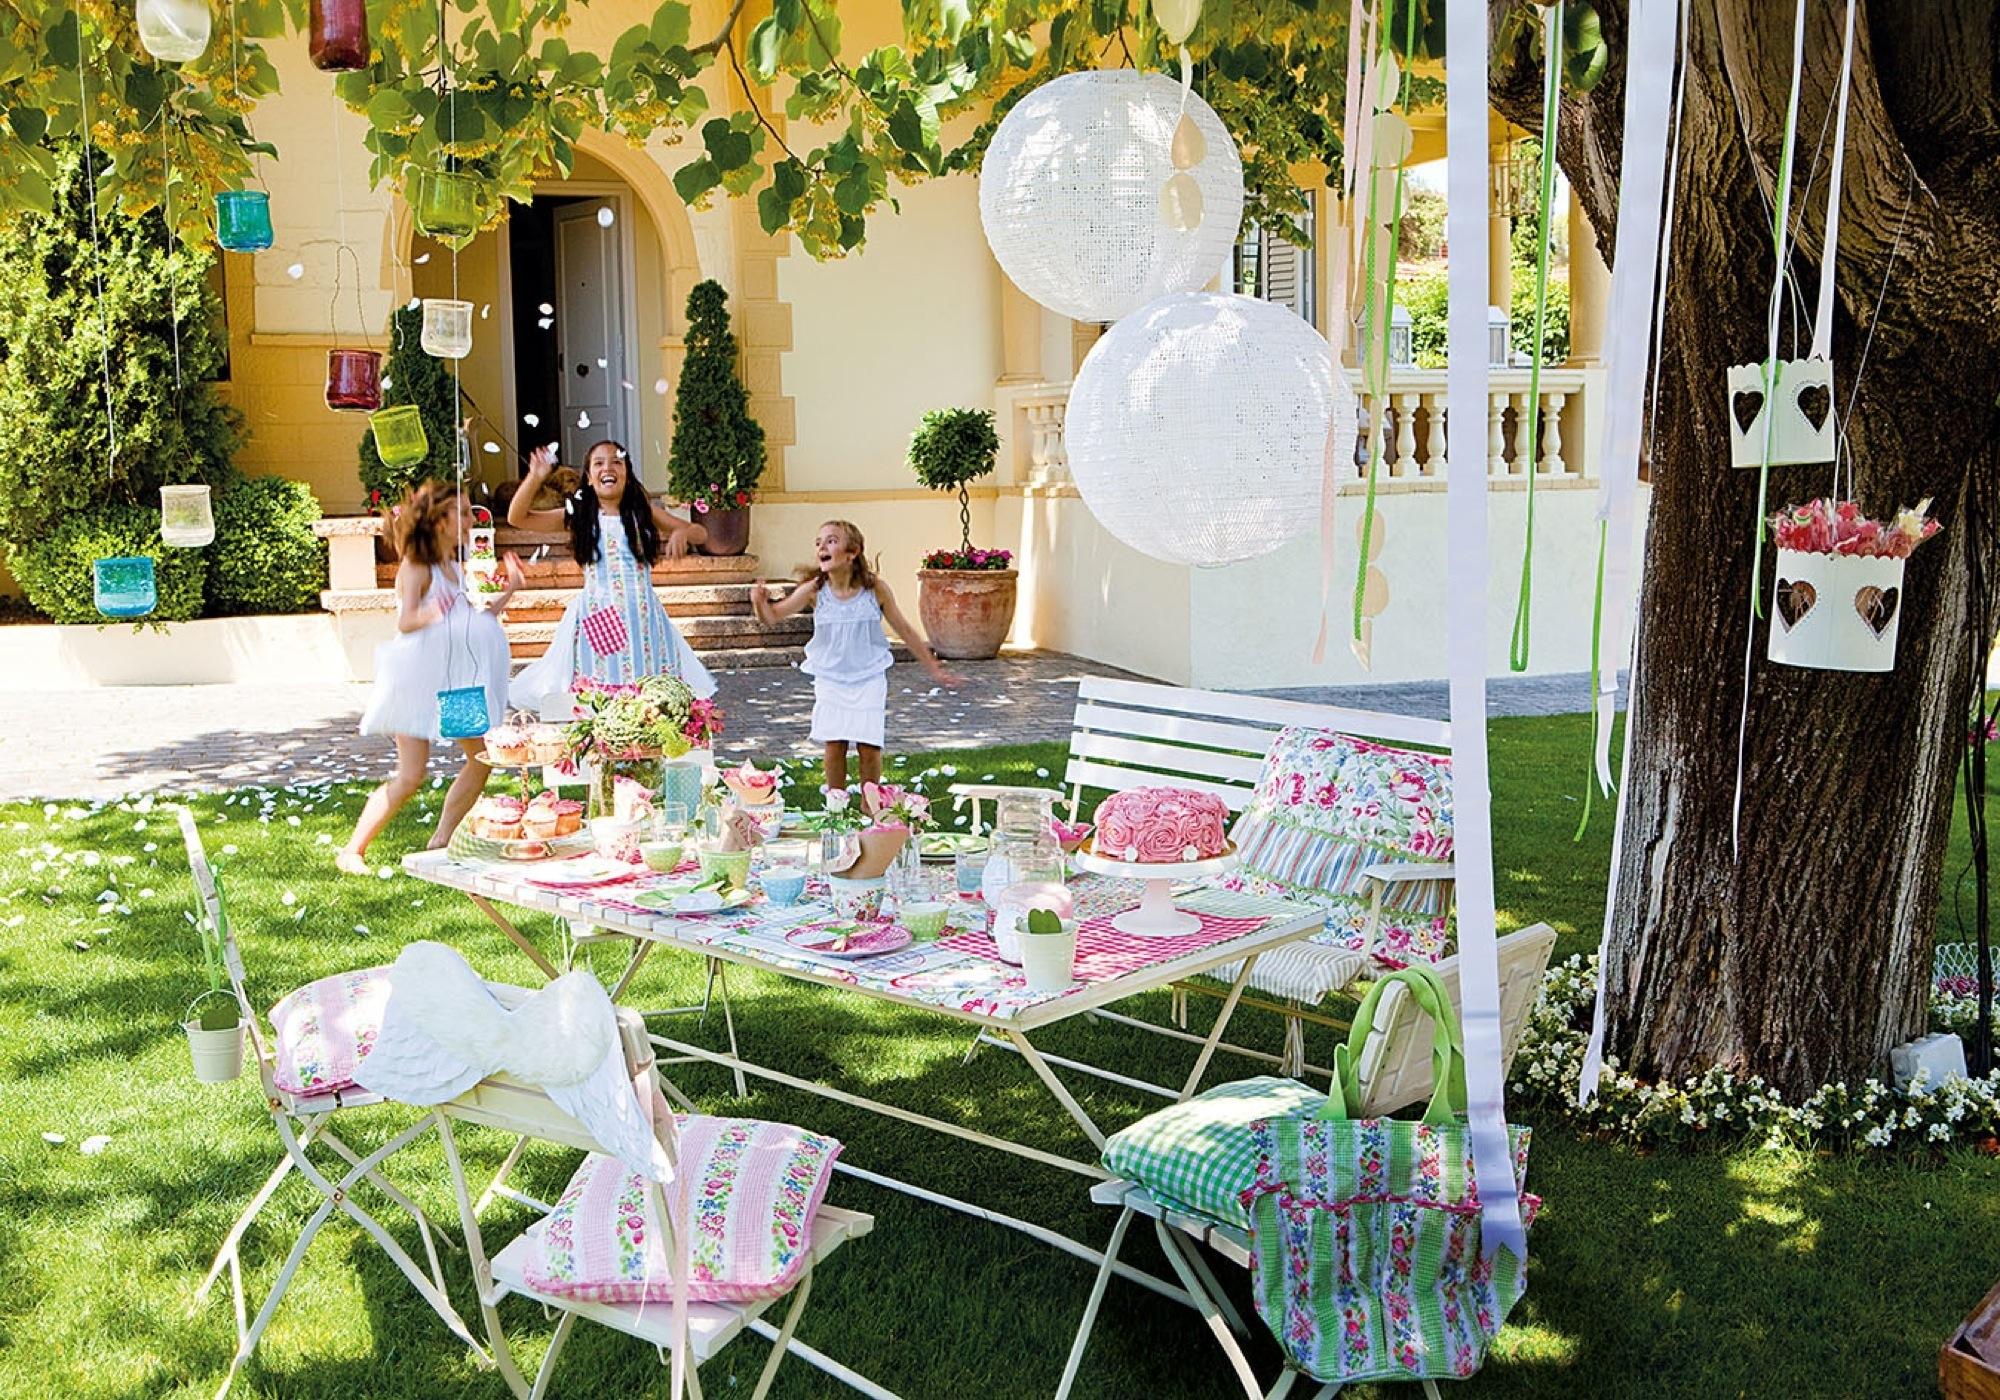 Estos jardines tienen ganas de fiesta - Jardines decorados para fiestas ...